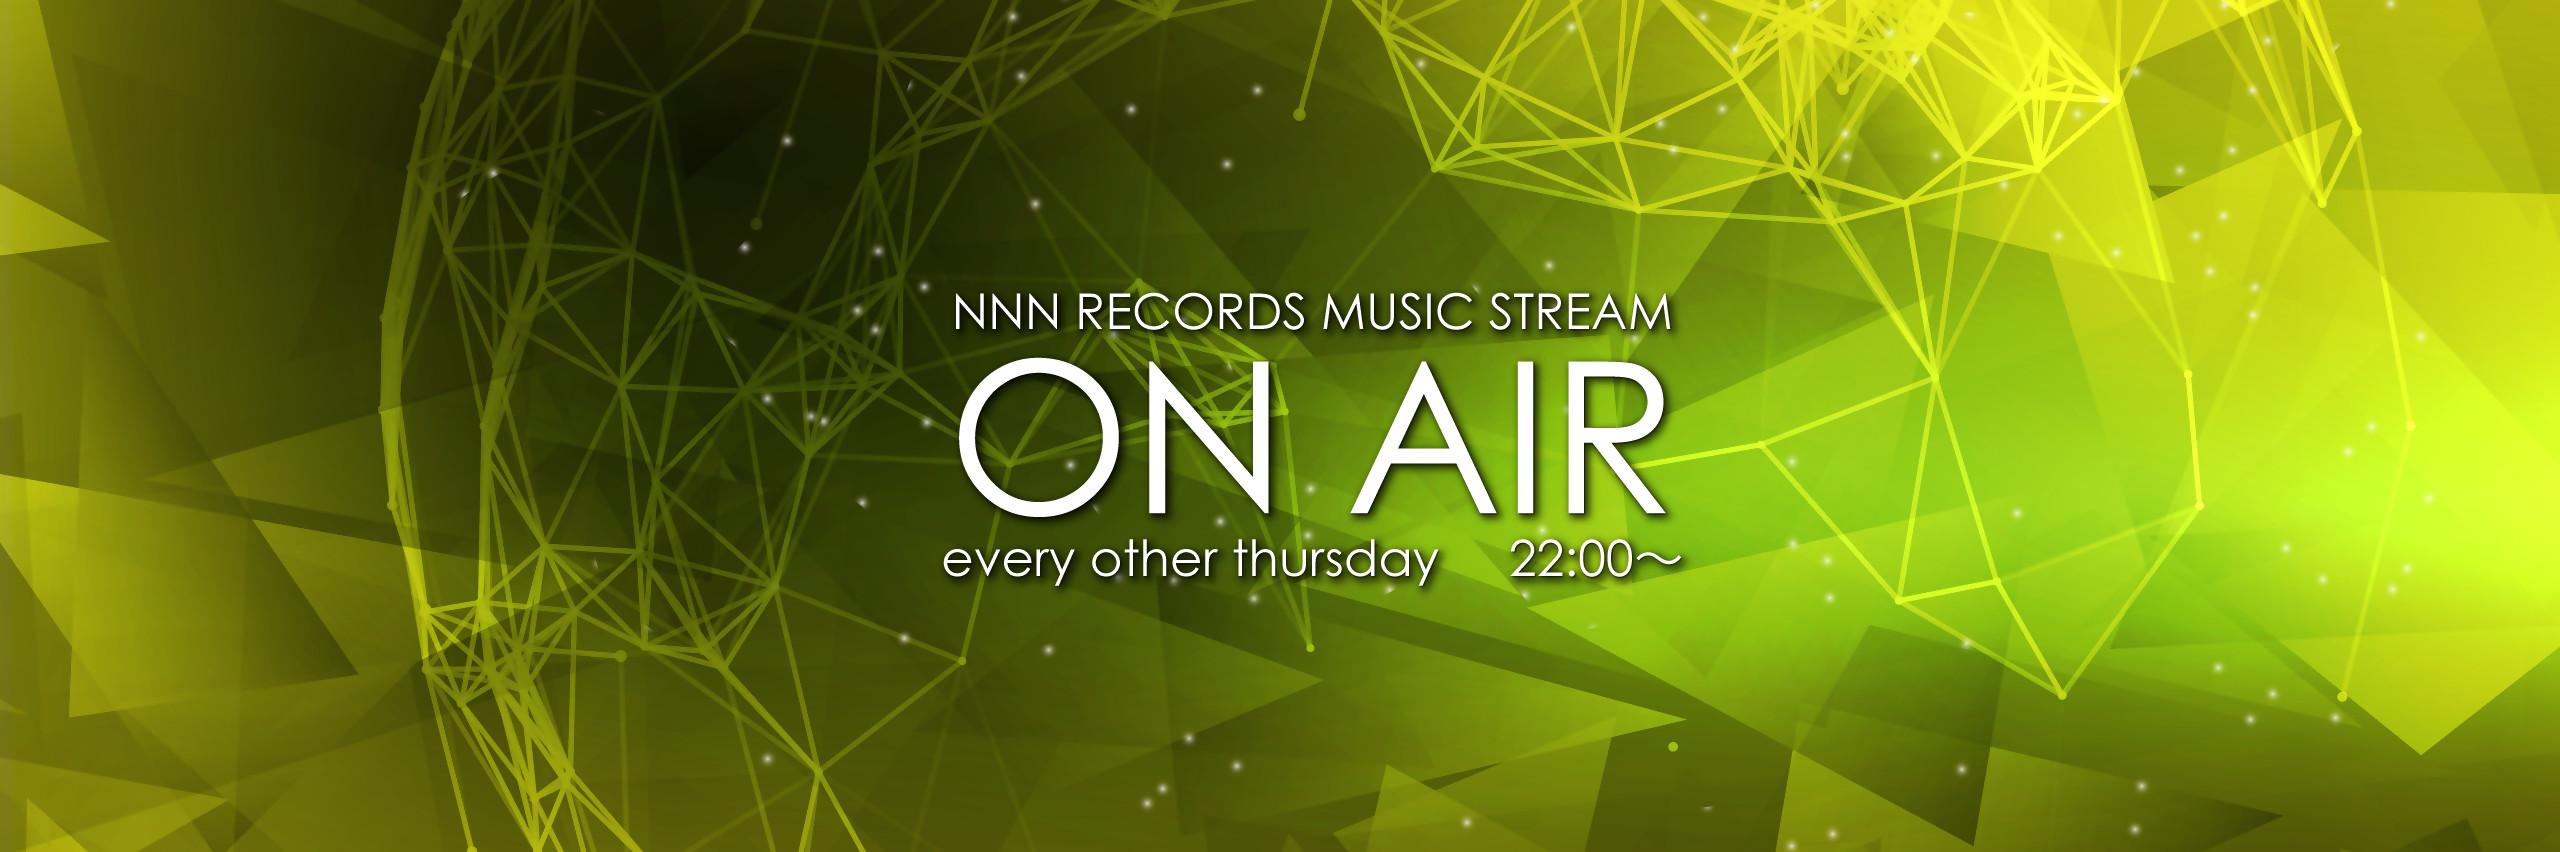 NNN RECORDS MUSIC STREAM